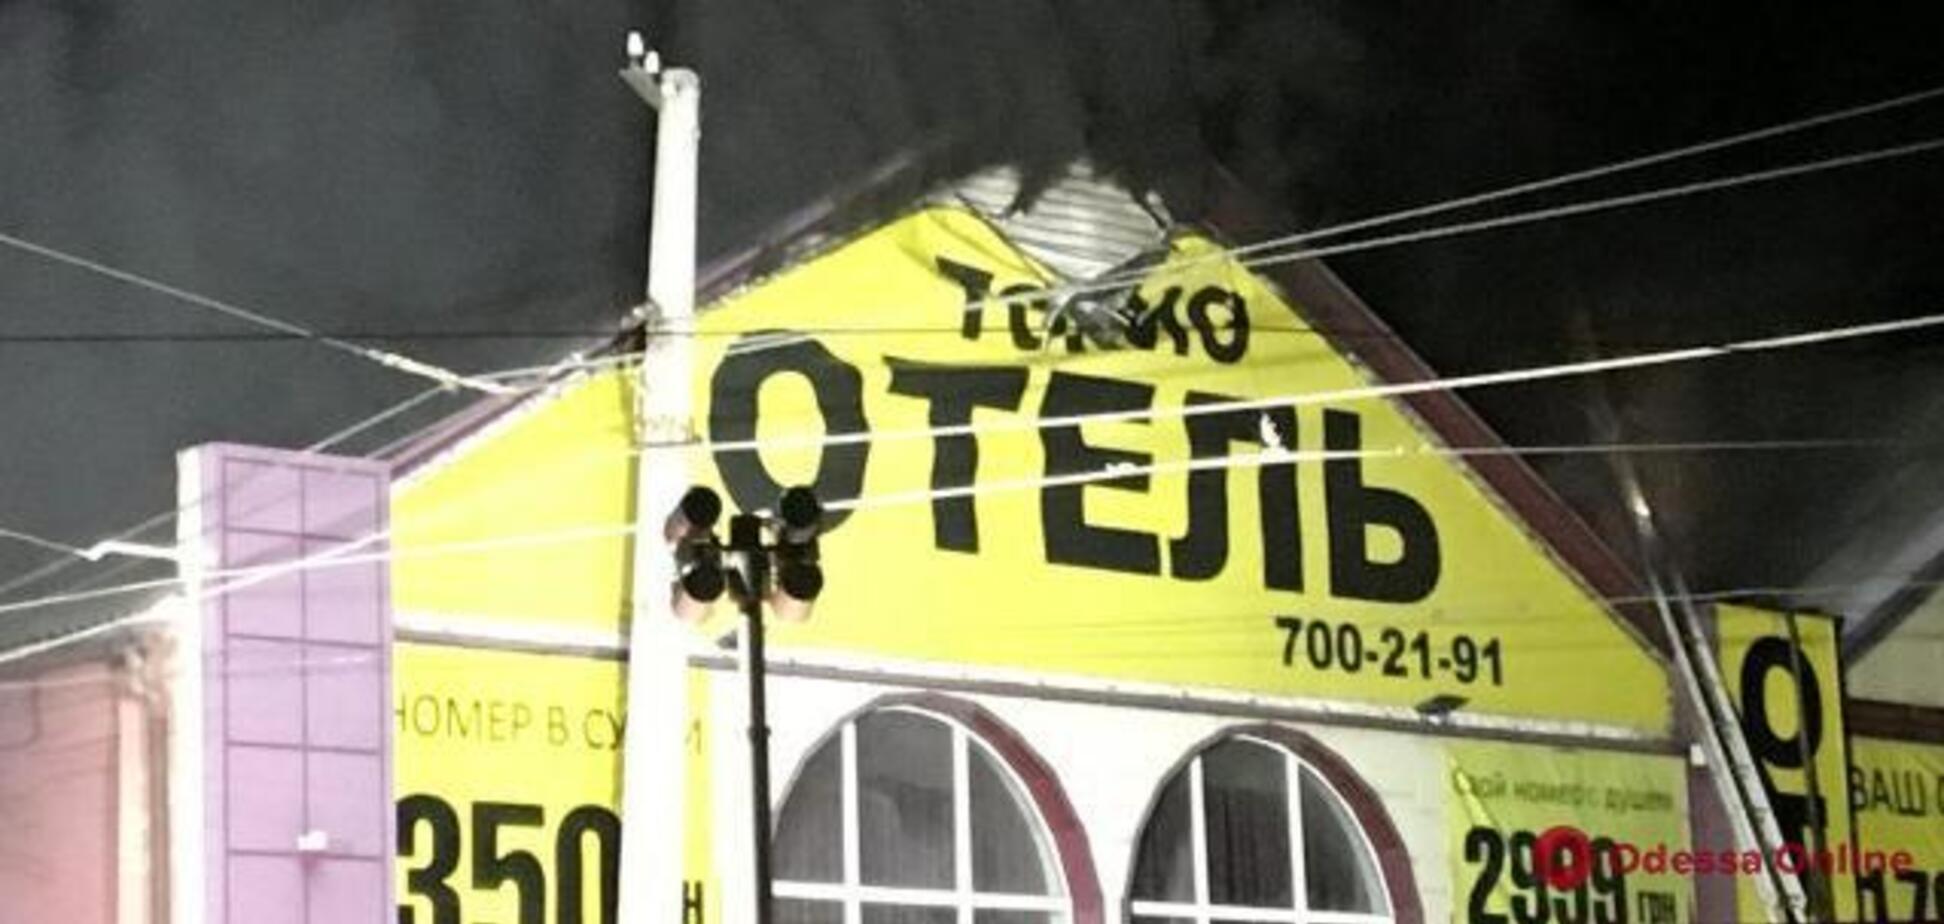 'Ох*єнно відпочили!' У мережі показали відео з епіцентру пожежі в Одесі